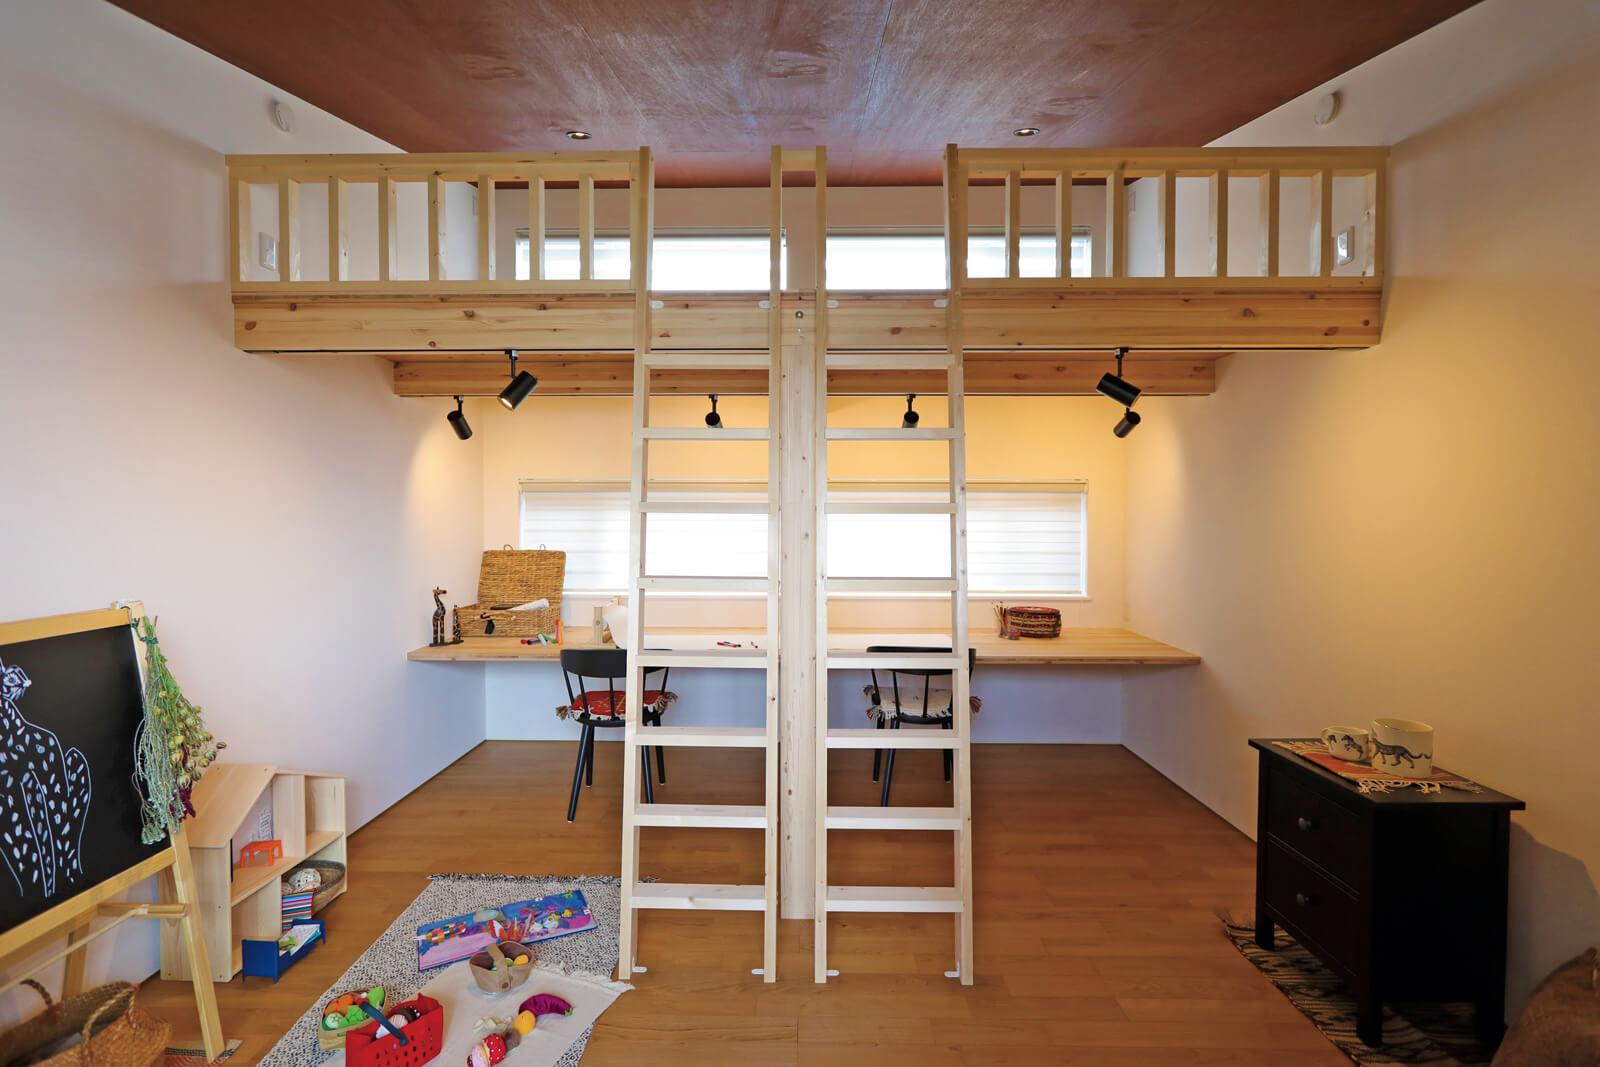 子ども部屋はあえて扉を設けず、ロフトと大きなカウンターのあるオープンなスペースに